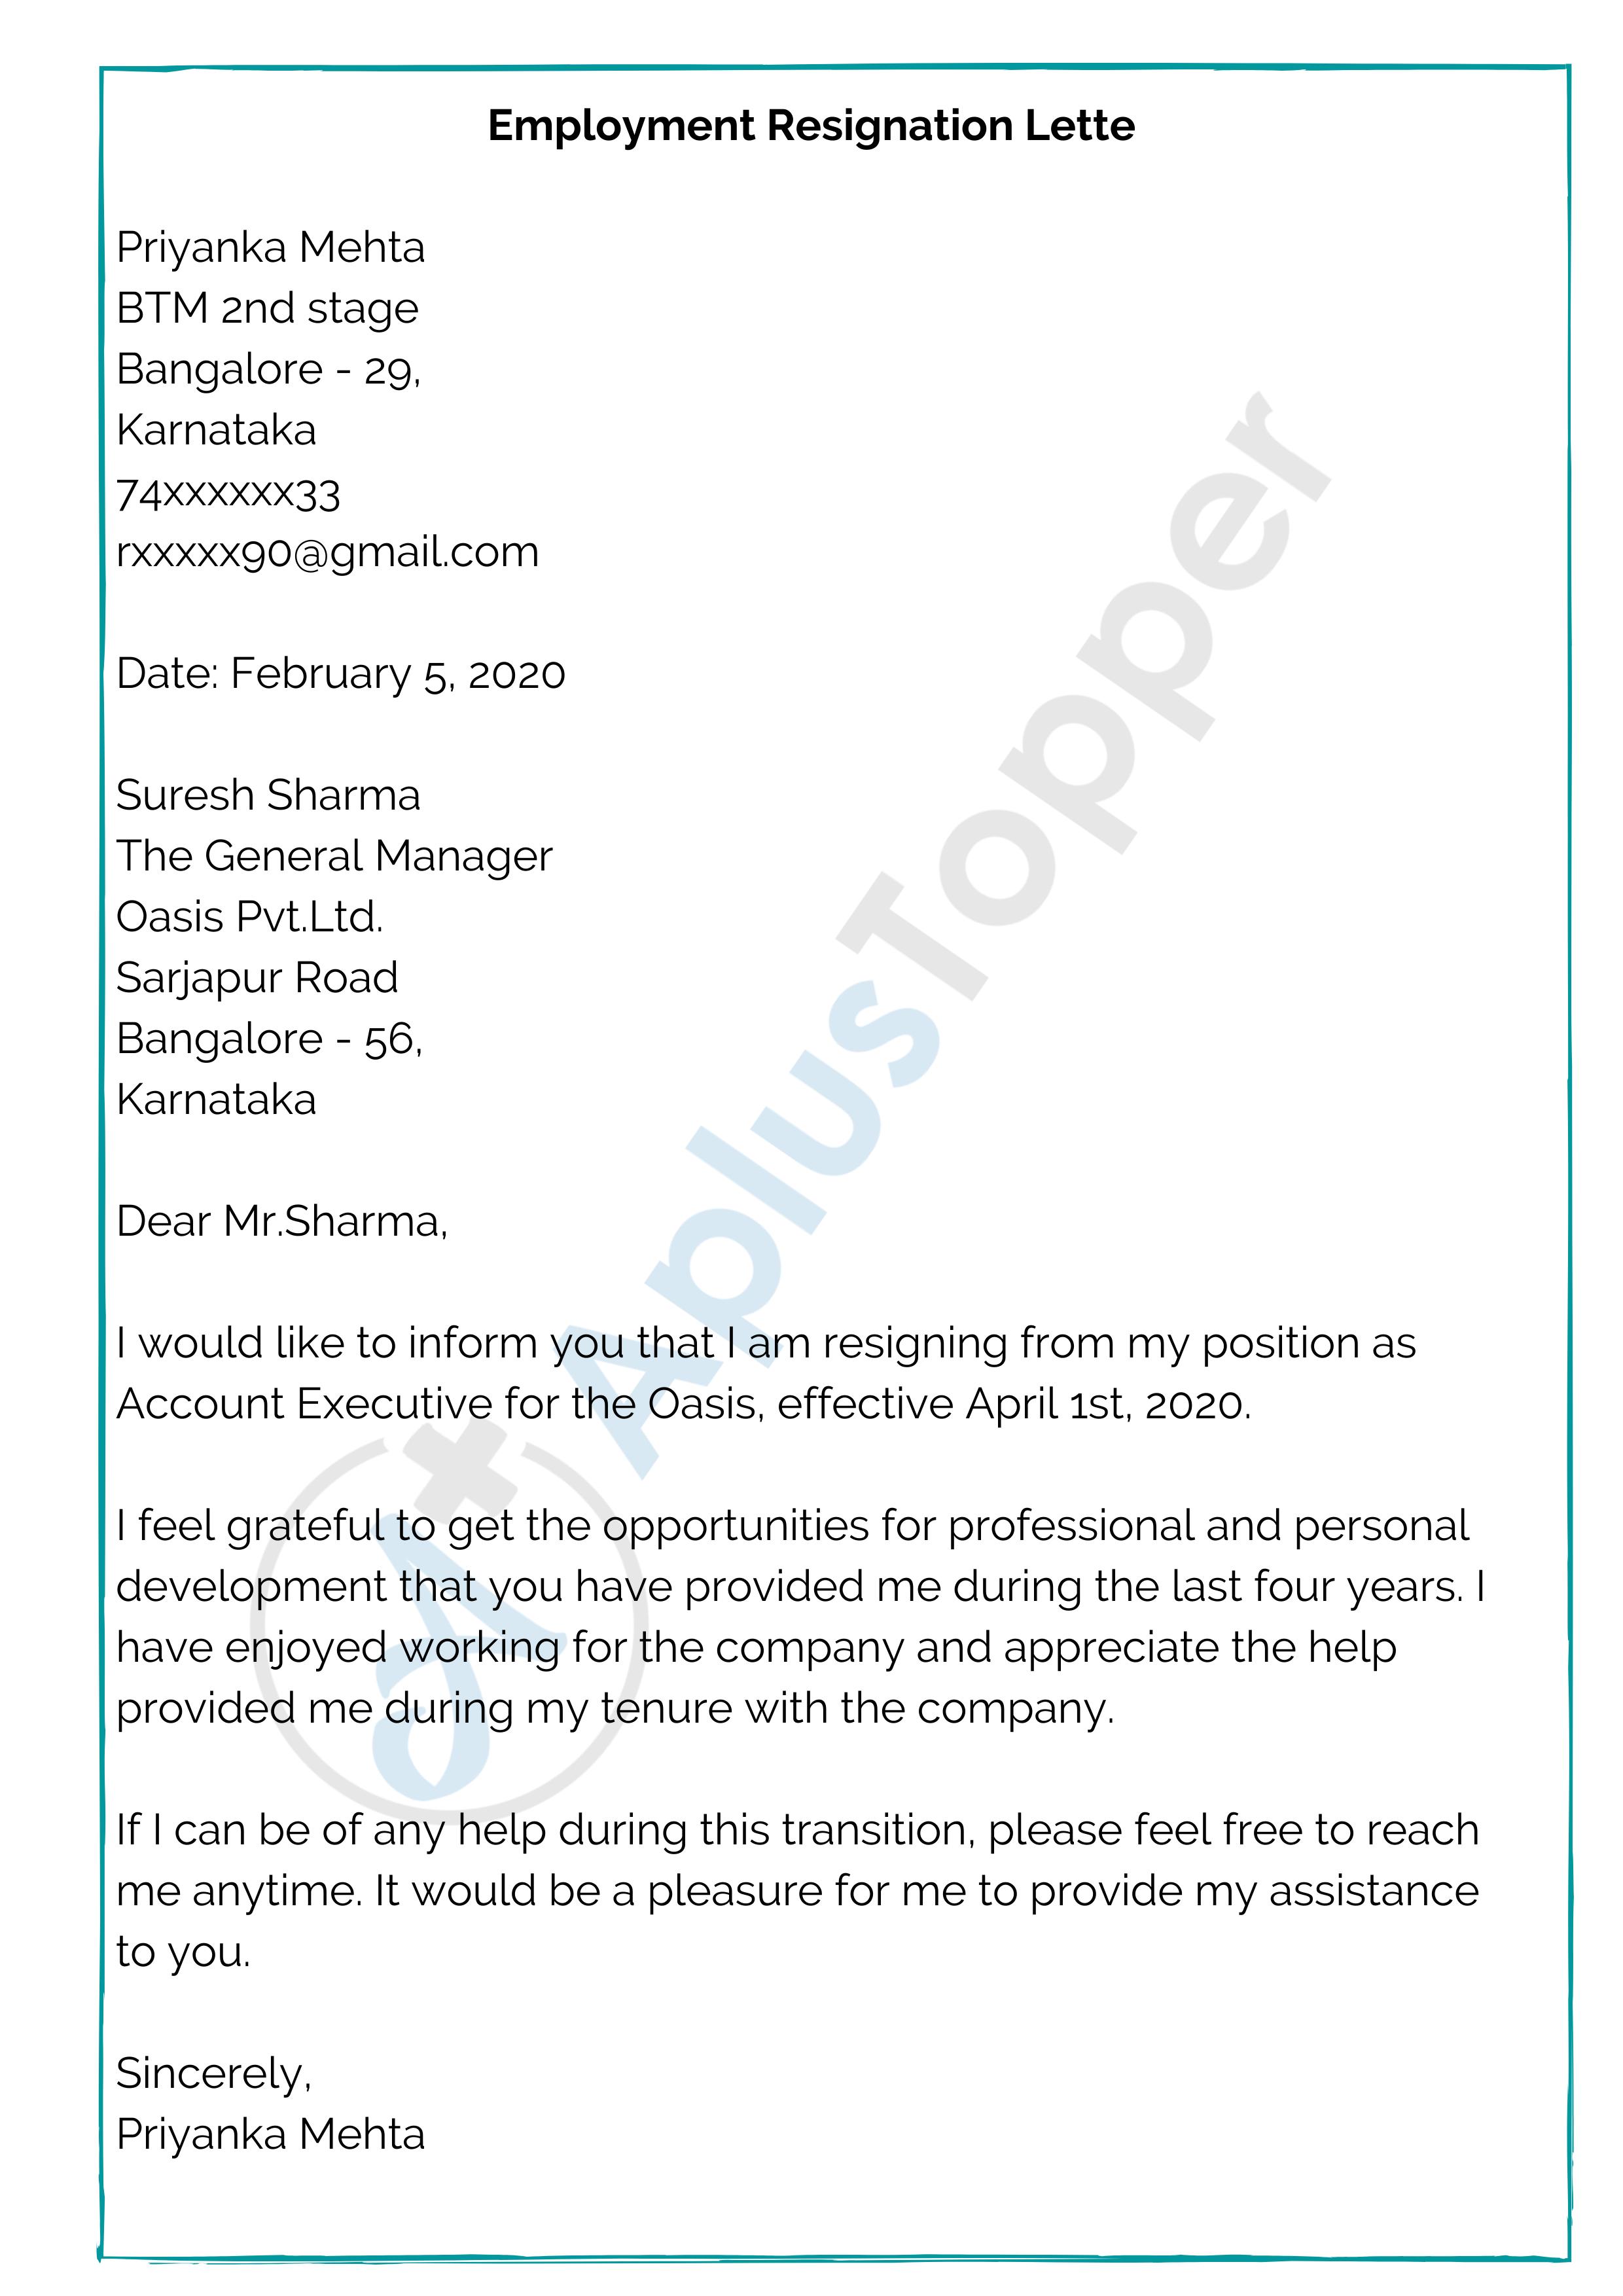 Employment Resignation Letter Sample